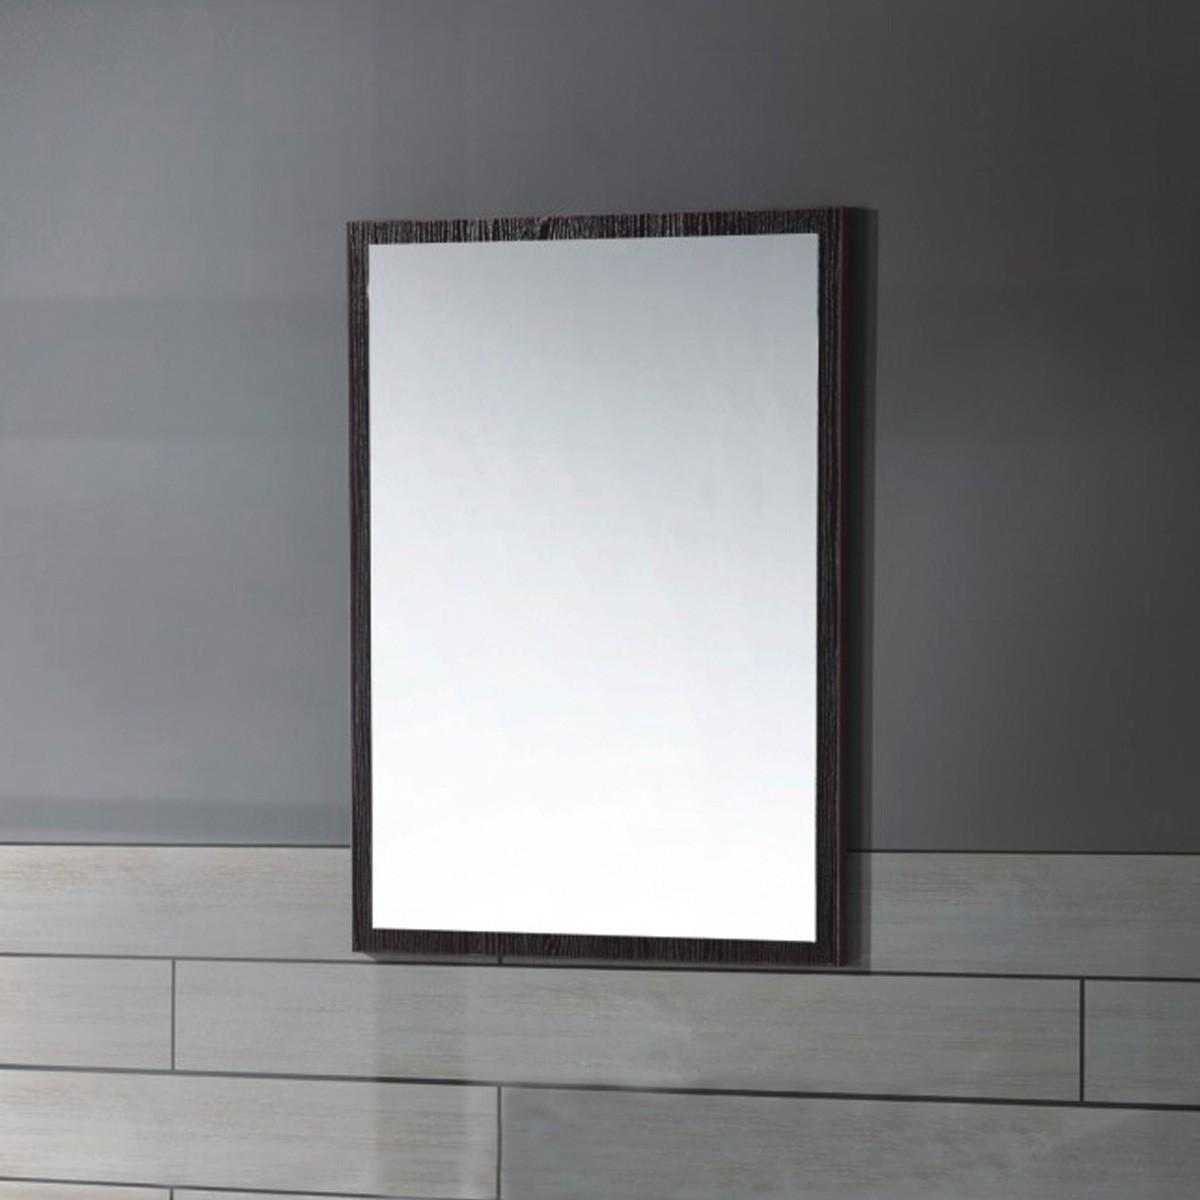 22 x 30 po Miroir pour vanité salle de bain (MG600A-M)